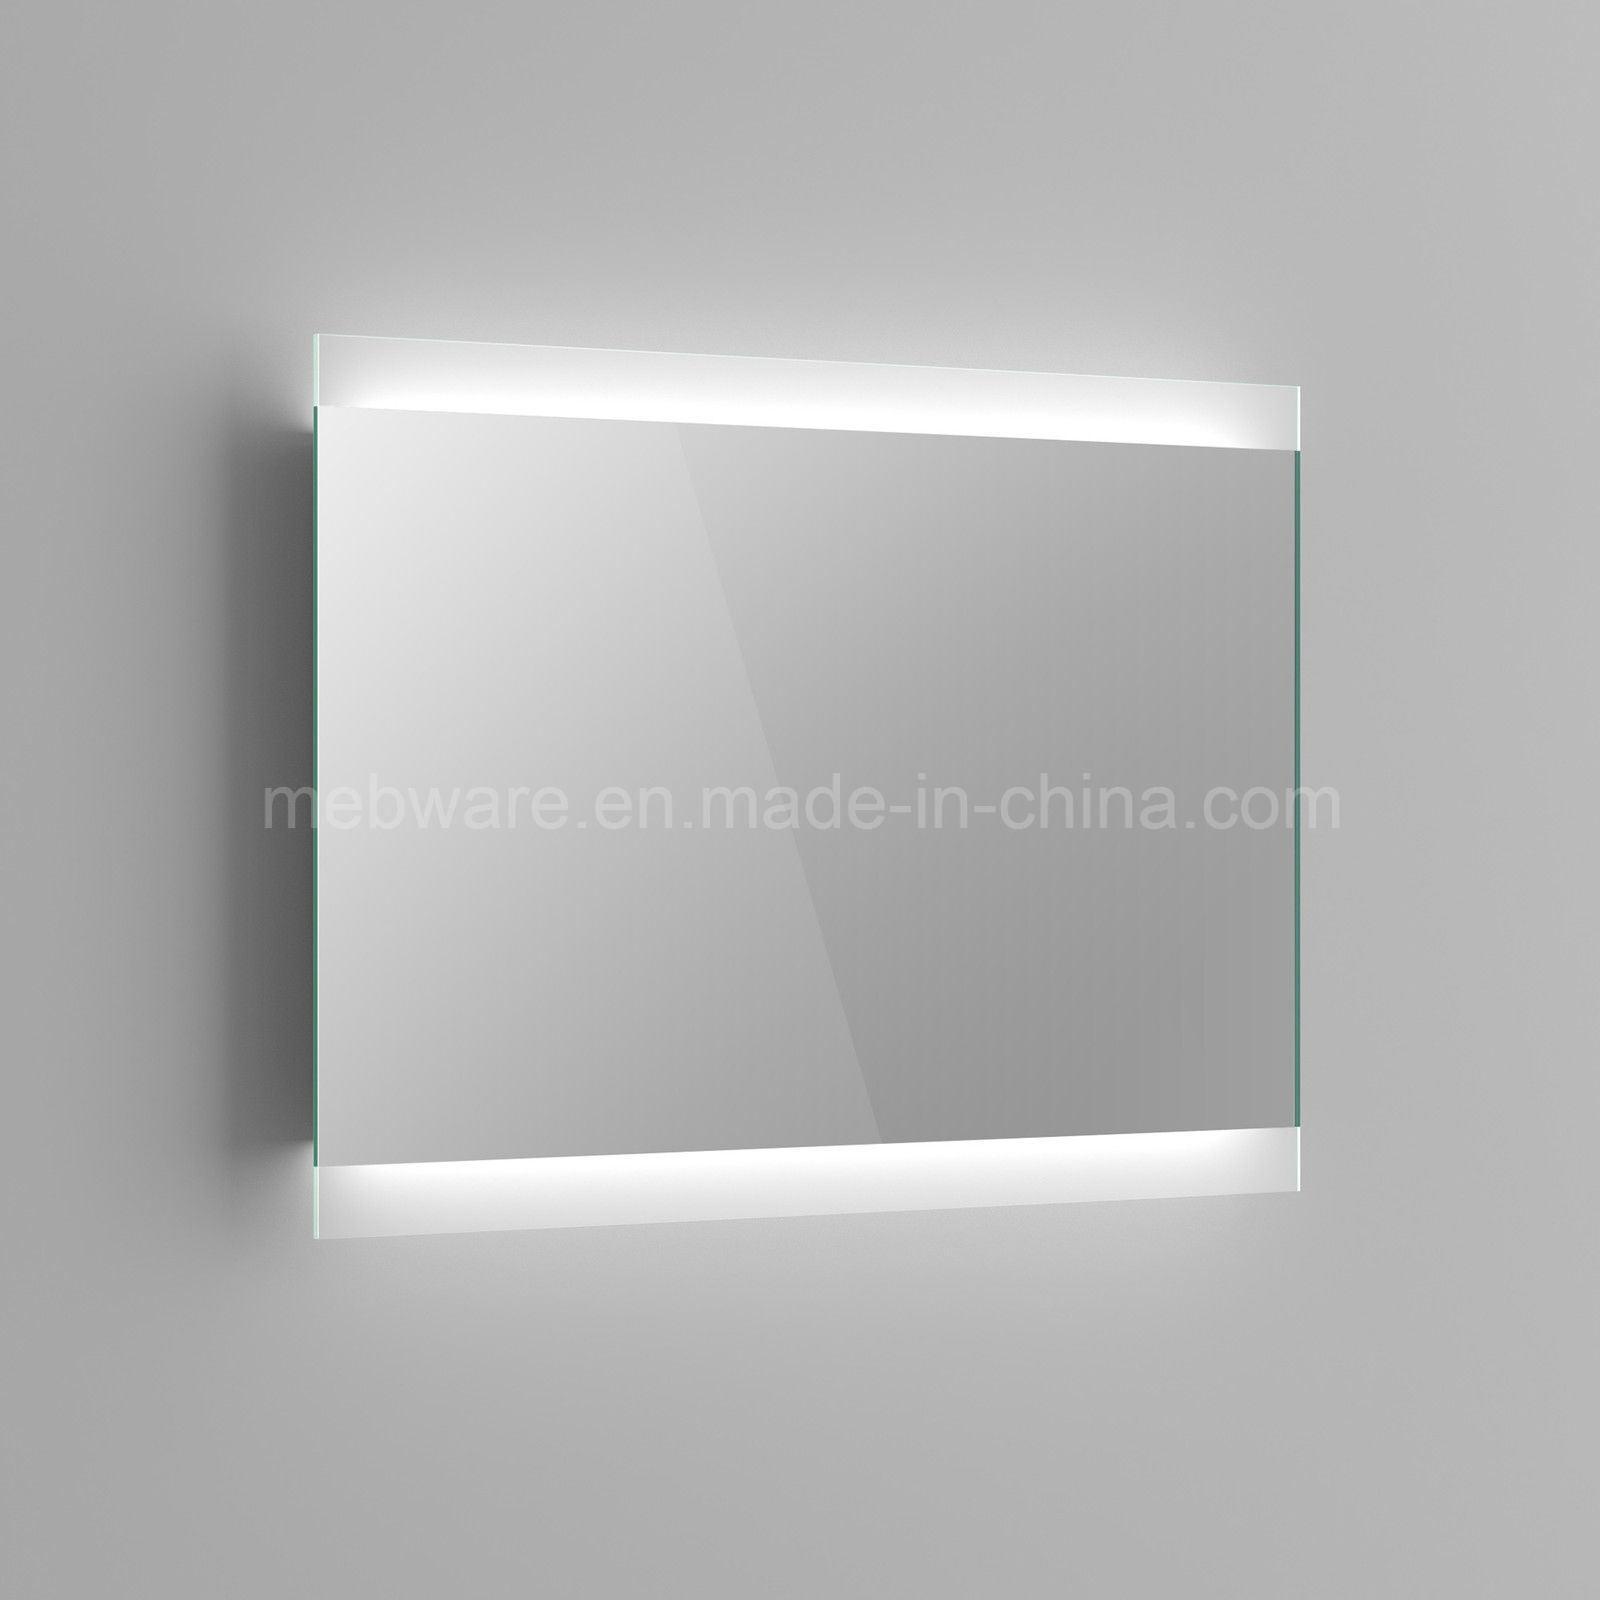 Espejos sin marcos bao moda vidrio ultra claro espejo for Espejos ovalados sin marco